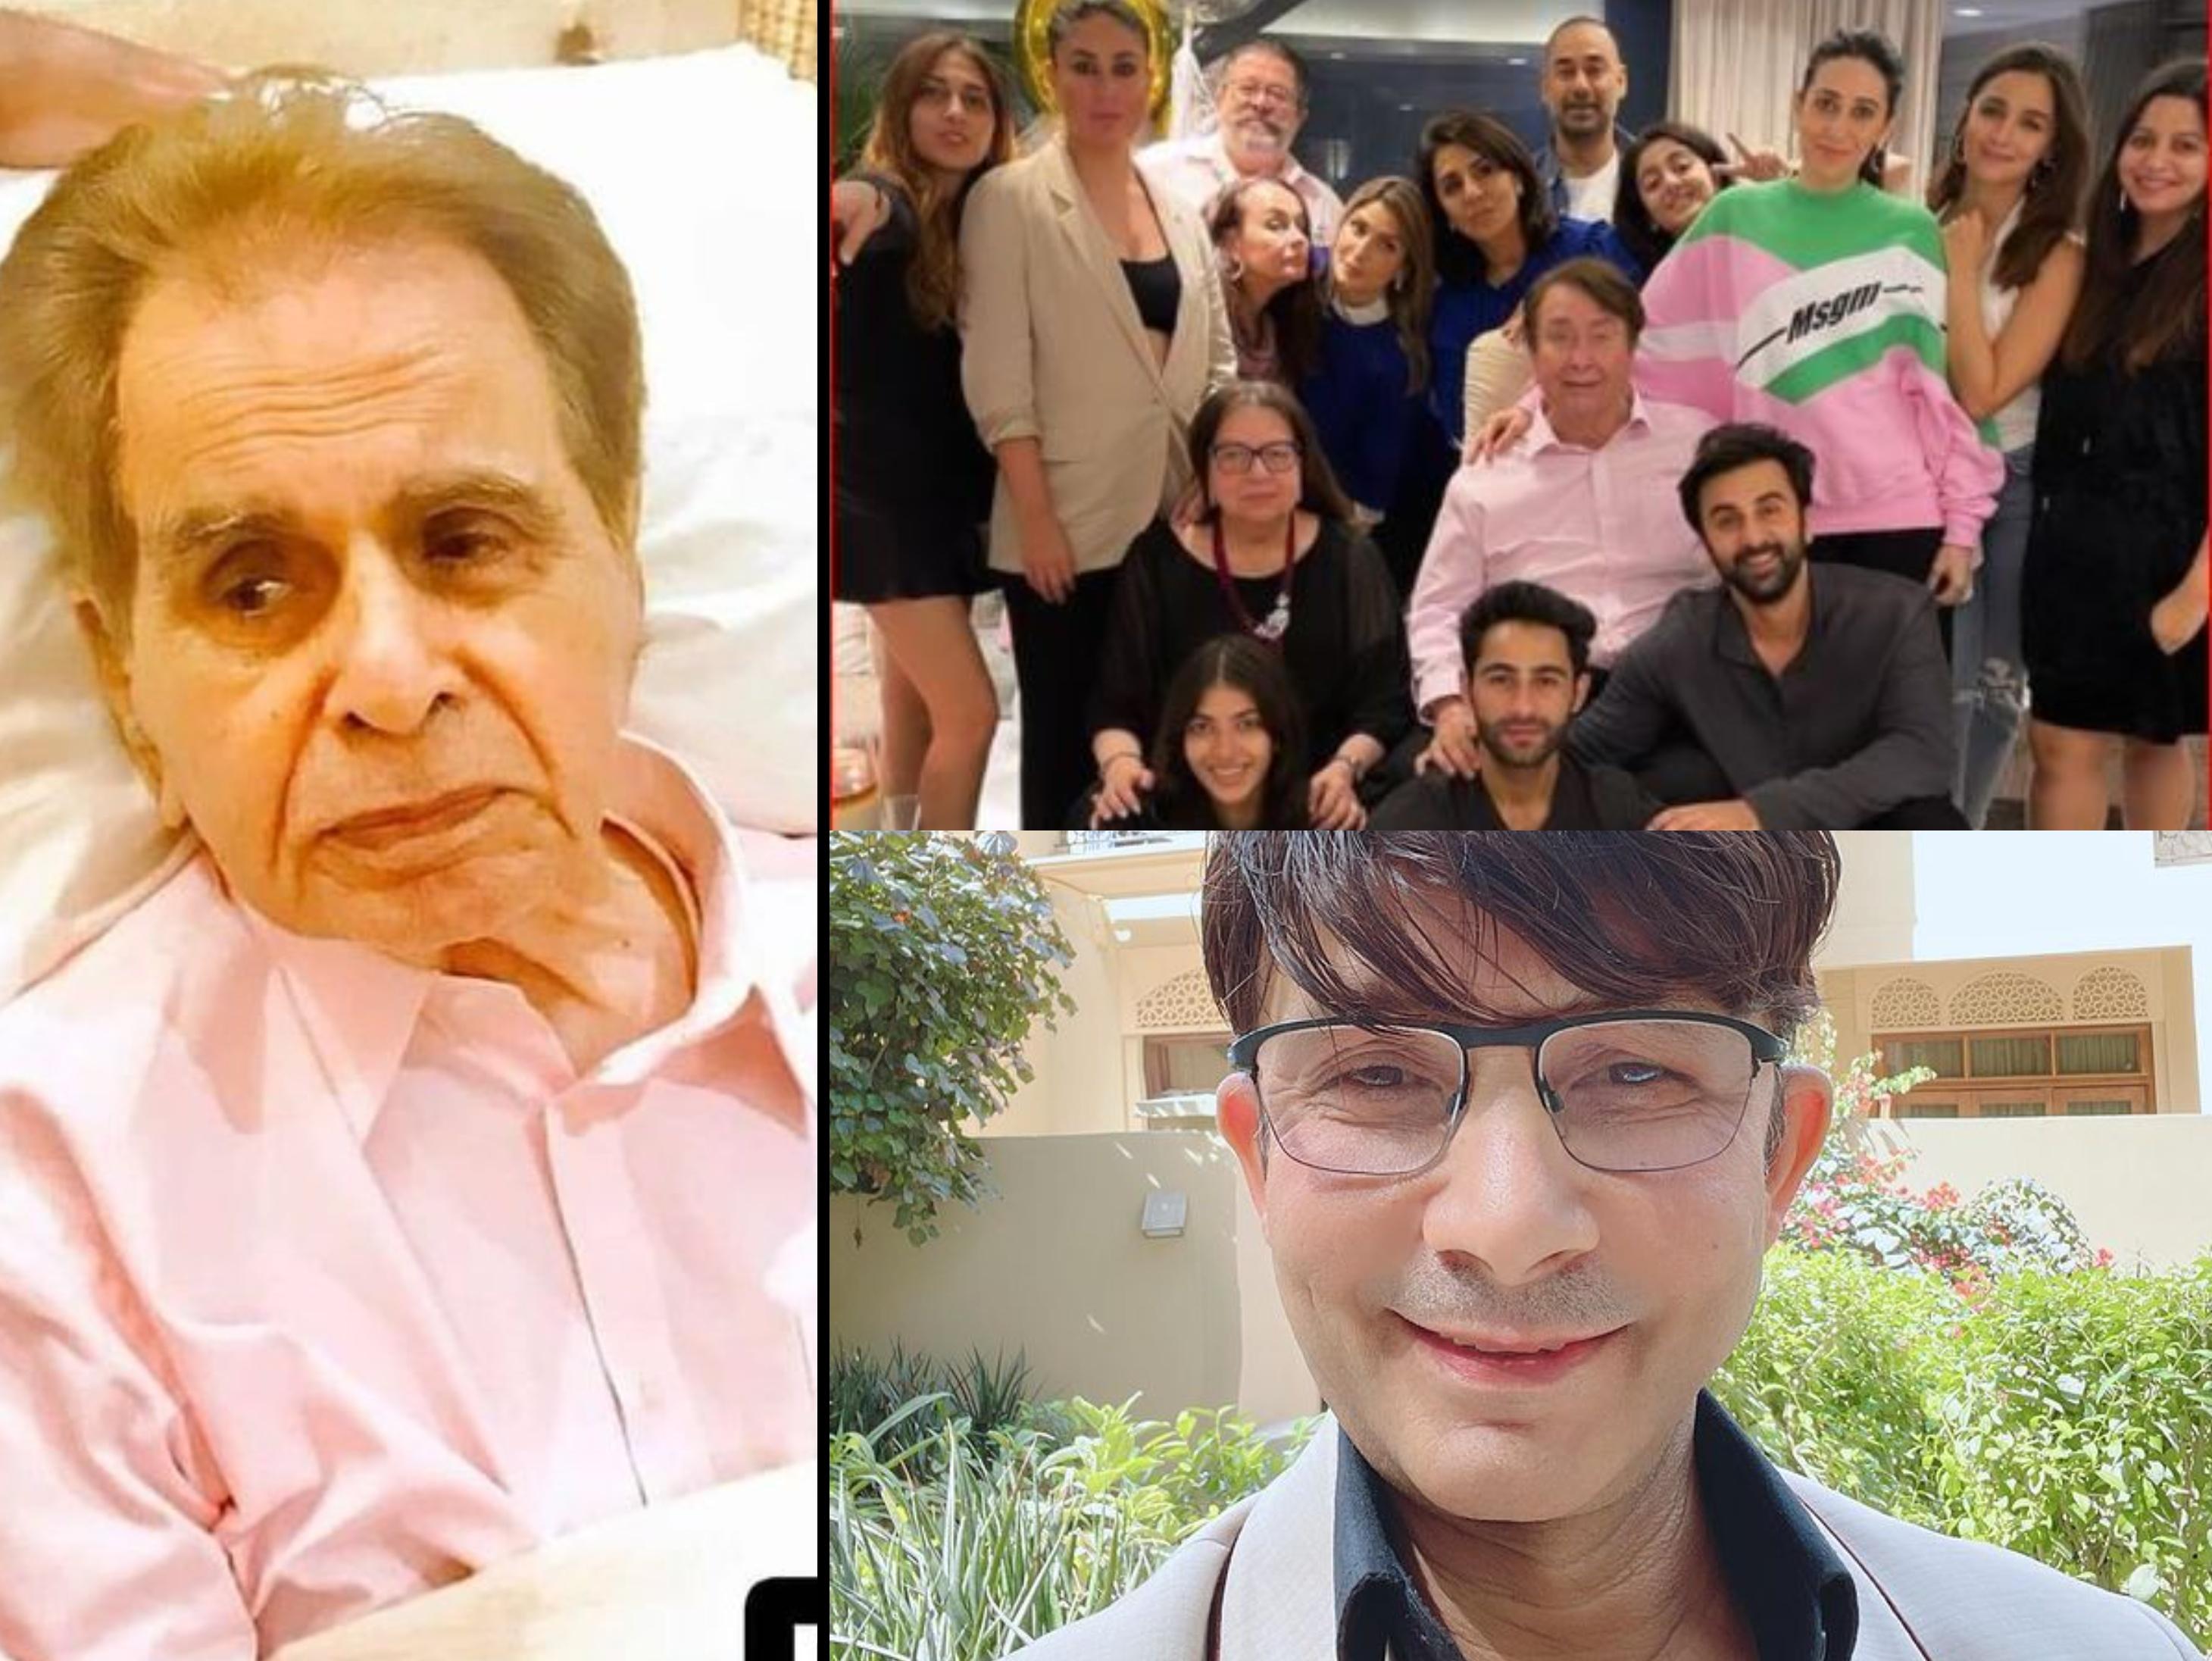 दिलीप कुमार के निधन वाले दिन नीतू कपूर ने मनाया बर्थडे, कमाल खान ने पूछा- उनकी भी इज्जत नहीं तो फिर किसकी|बॉलीवुड,Bollywood - Dainik Bhaskar